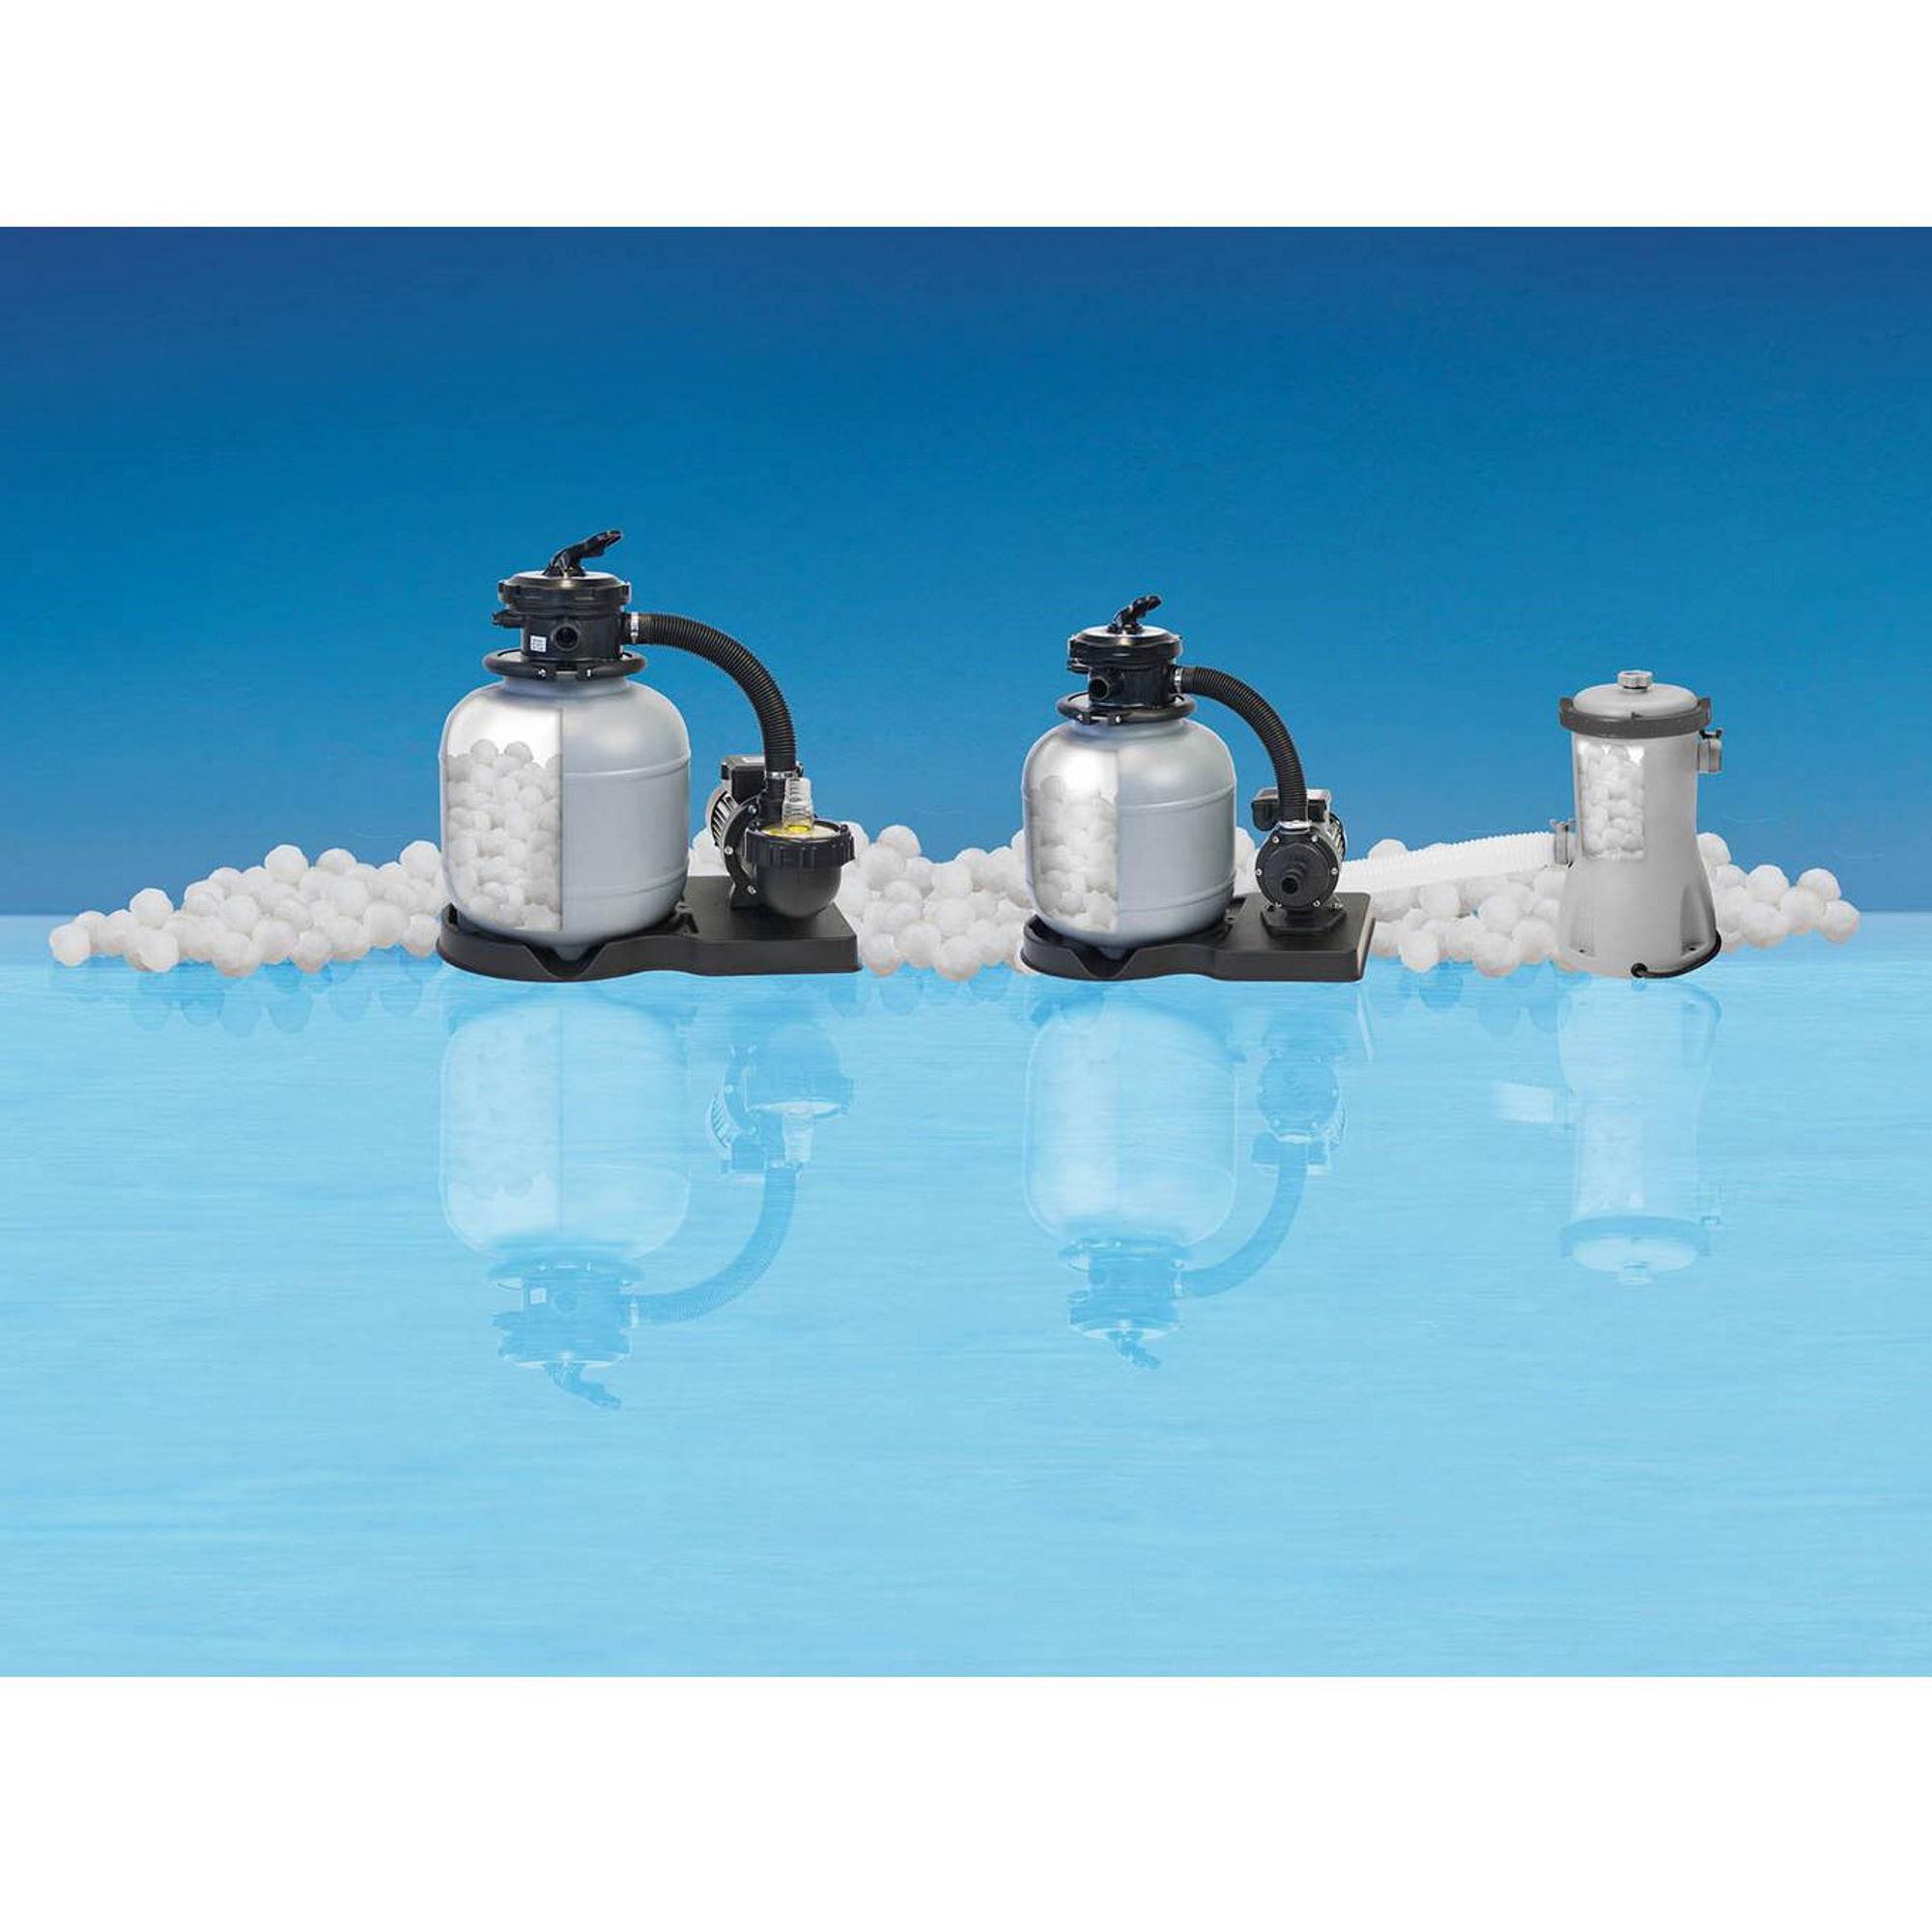 SummerFun Filterbälle für Filteranlagen 700g